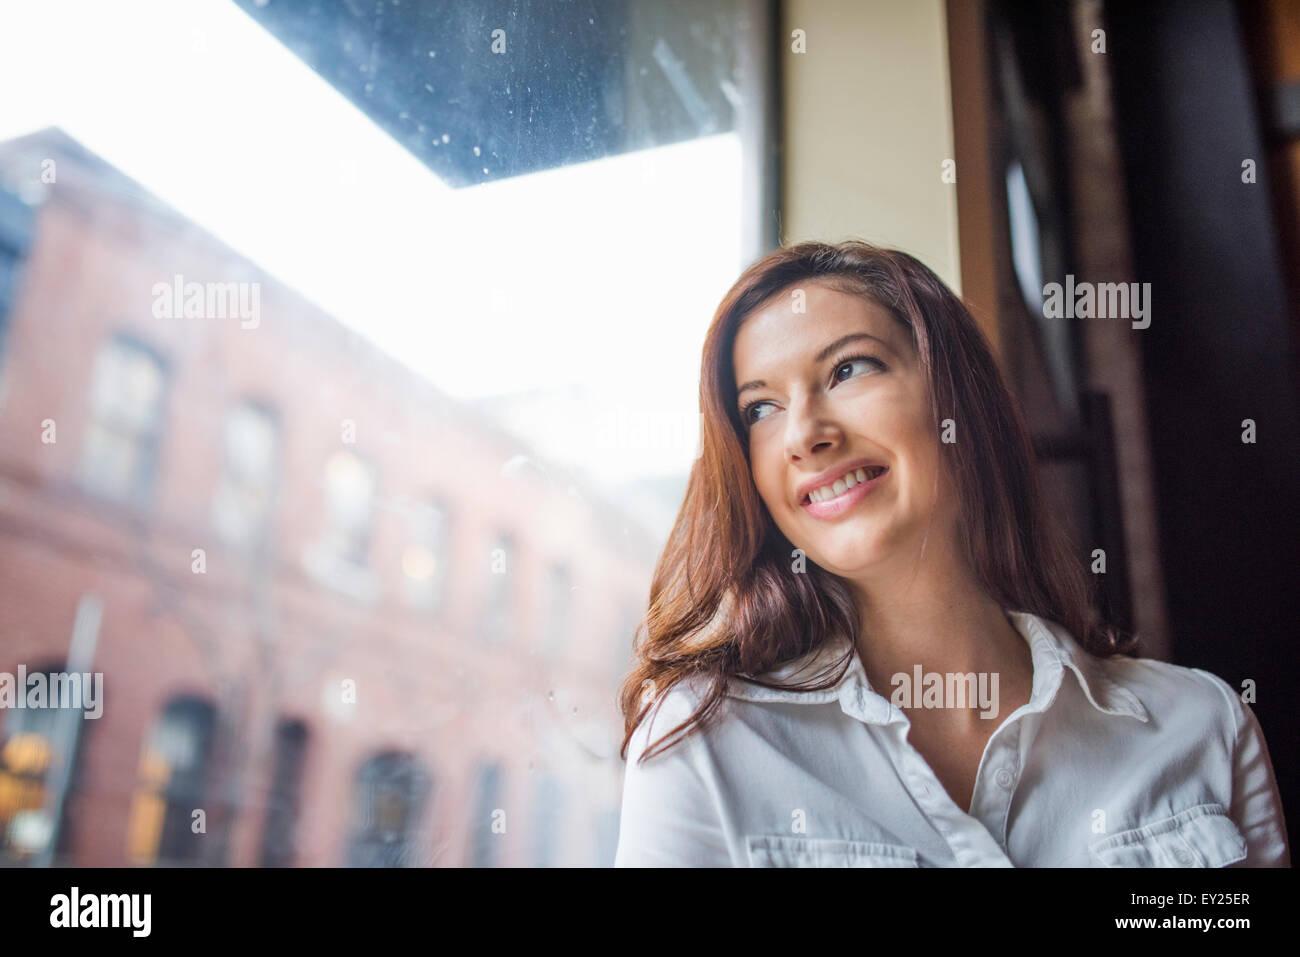 Ritratto di giovane donna con lunghi capelli scuri, sorridendo a basso angolo di visione Immagini Stock